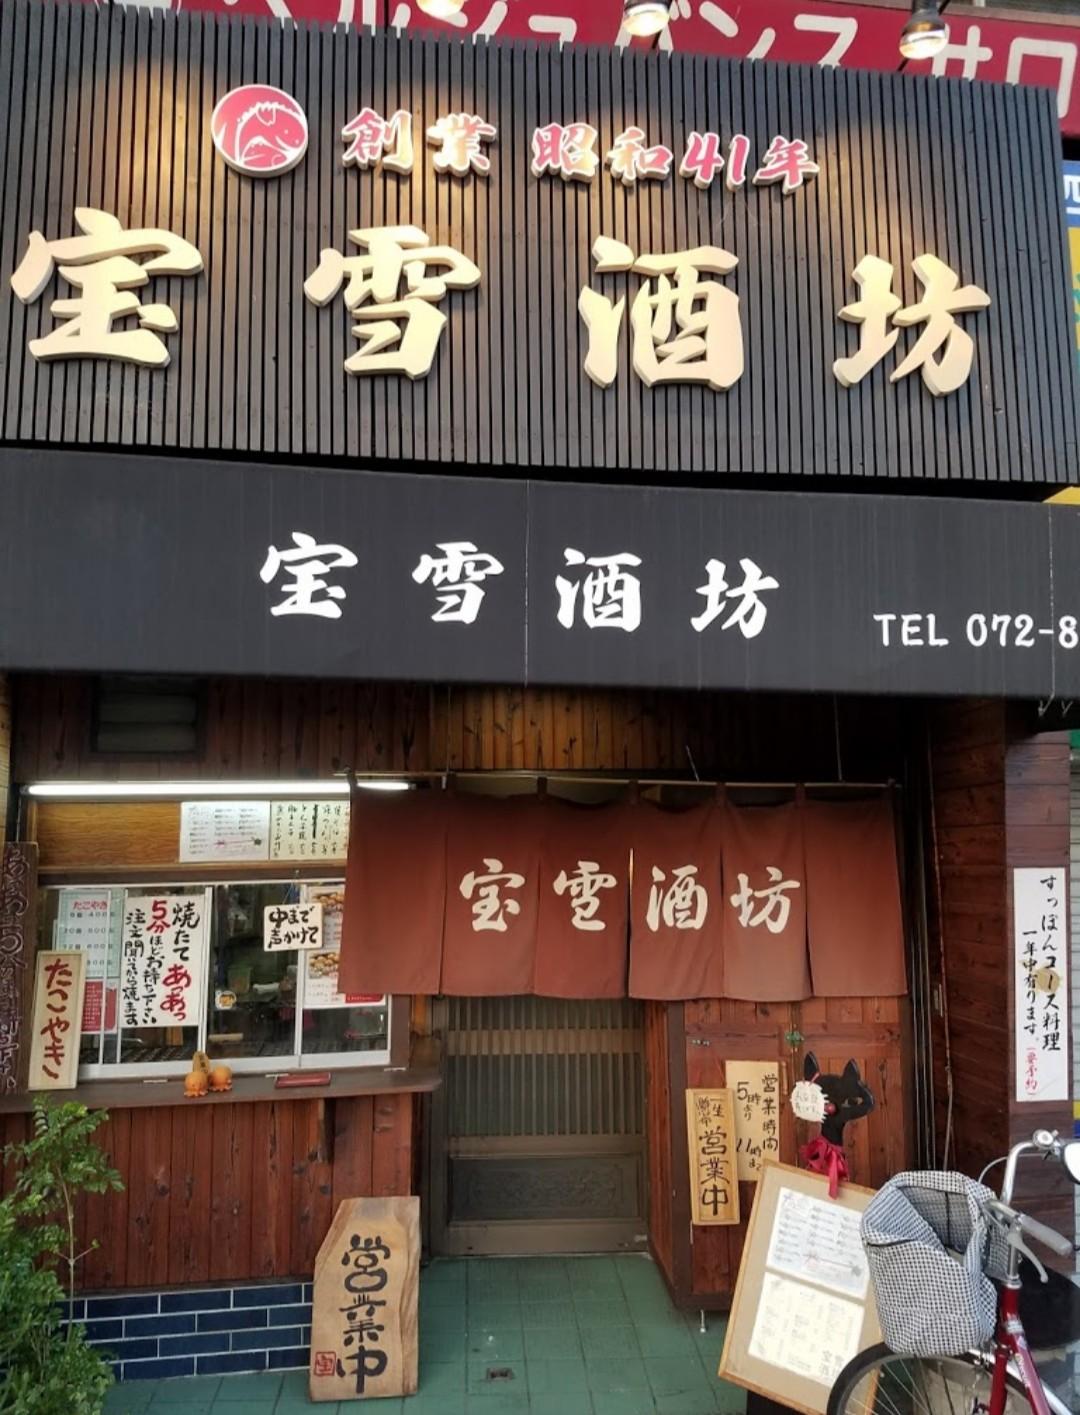 大阪の四條畷駅にある居酒屋「宝雪酒坊」がすごい